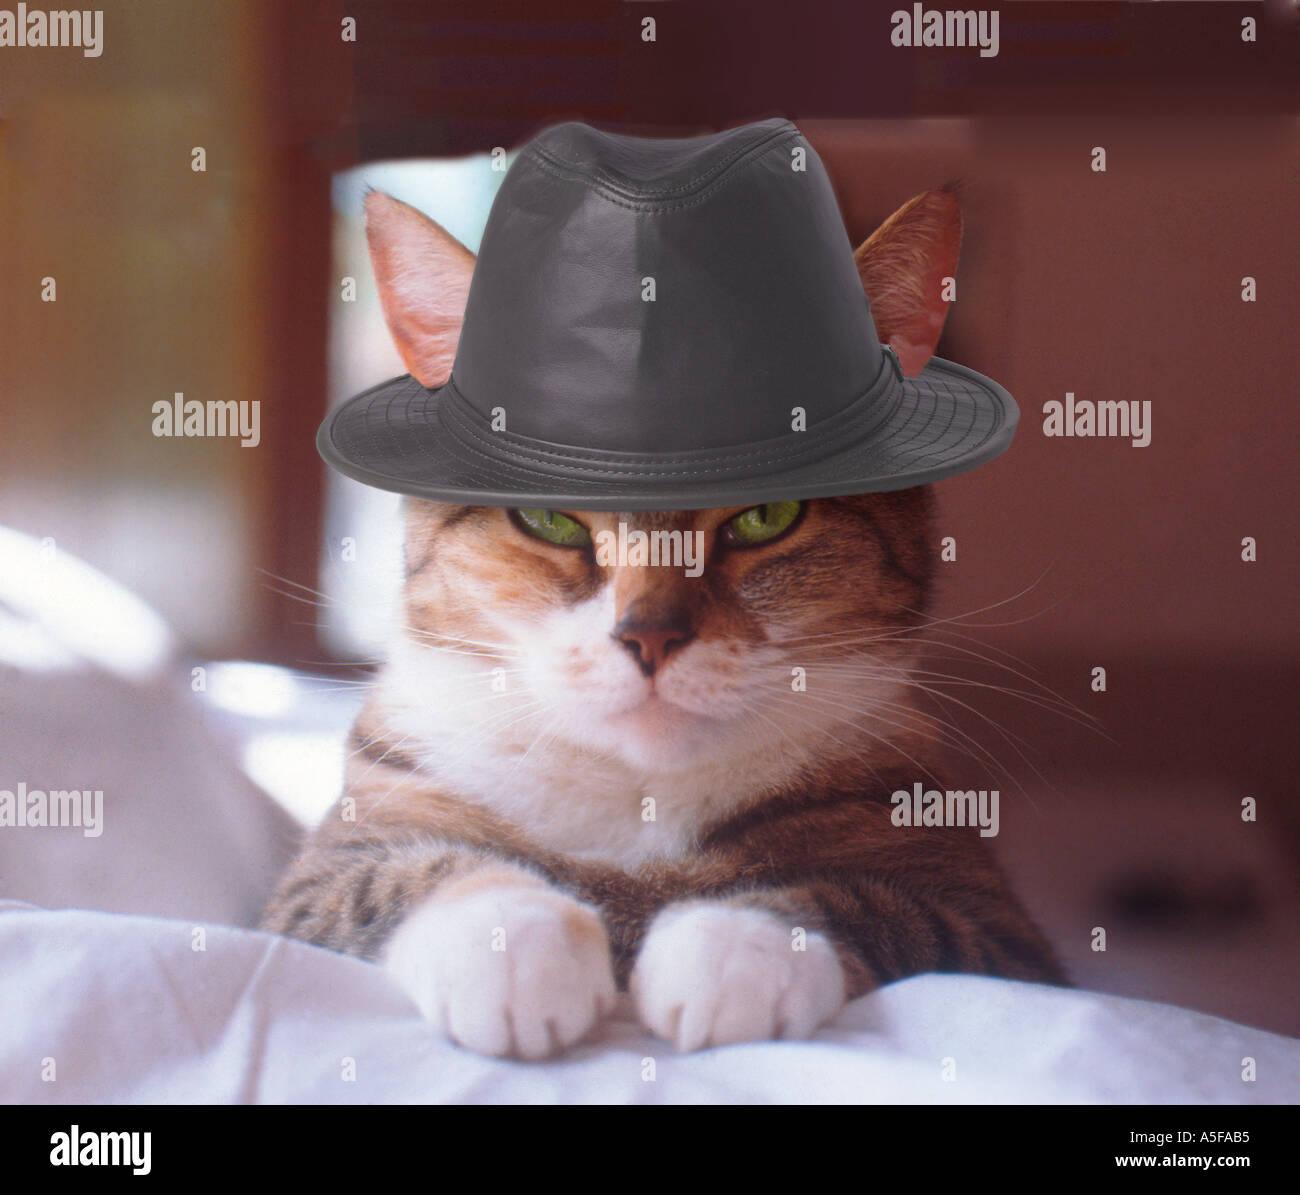 Il Gatto Con Un Cappello Foto Immagine Stock 391861 Alamy